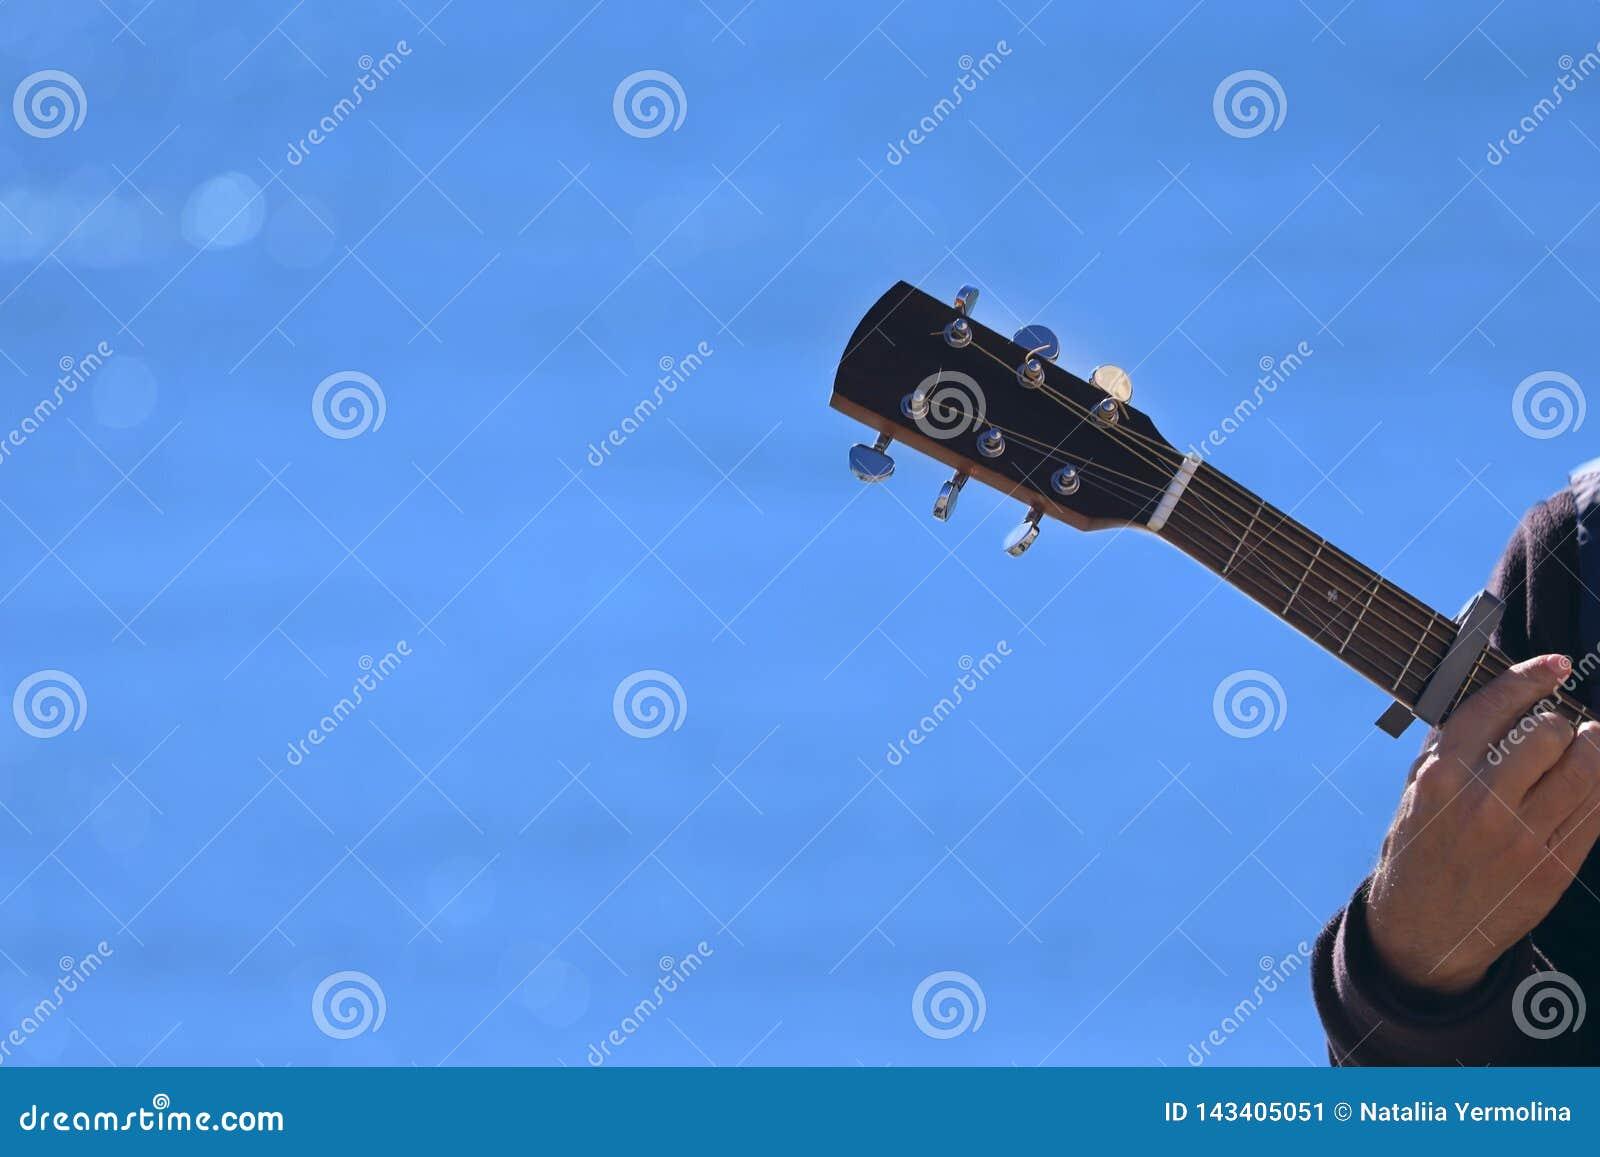 Musicien de rue Fragment de la main d un musicien sur une guitare dans la perspective de la mer bleue un jour ensoleillé